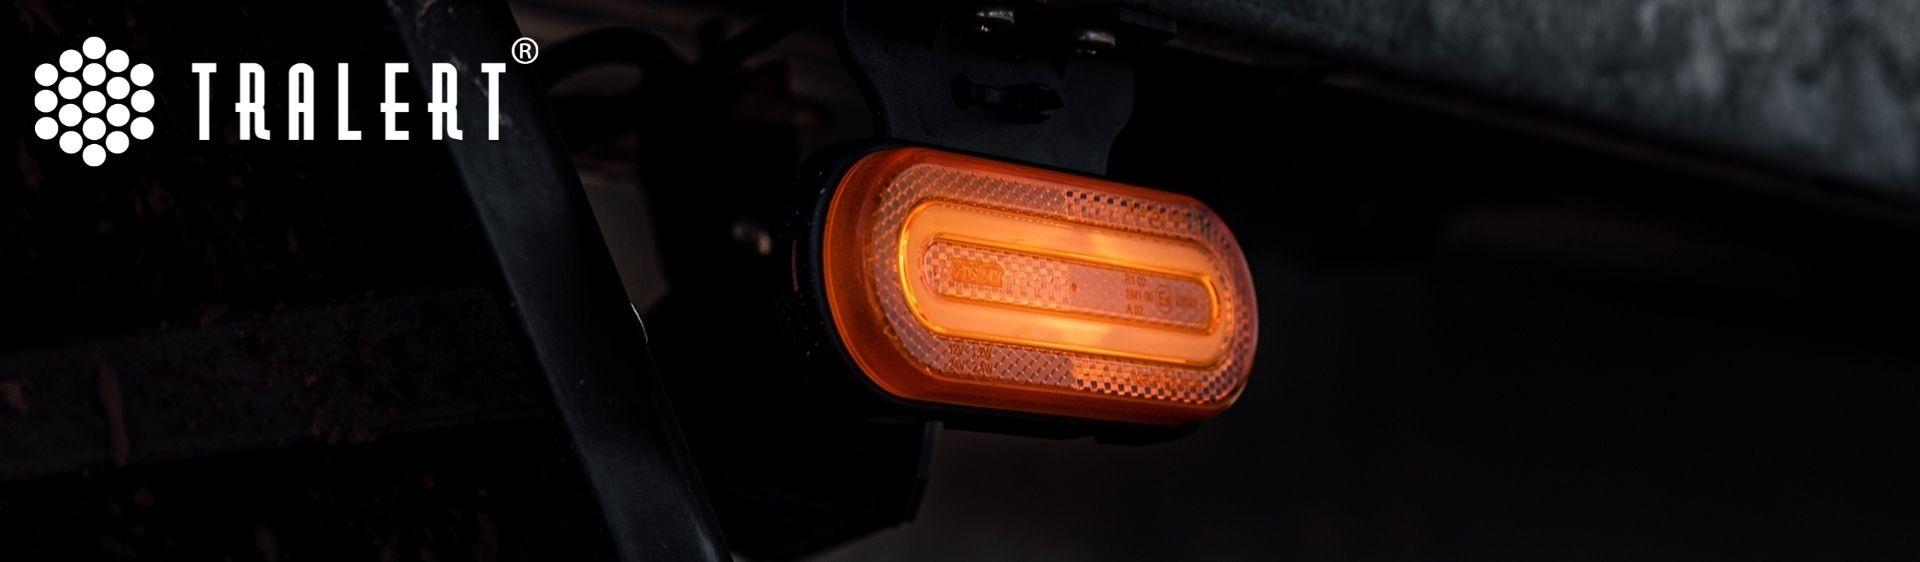 LED markeringslichten